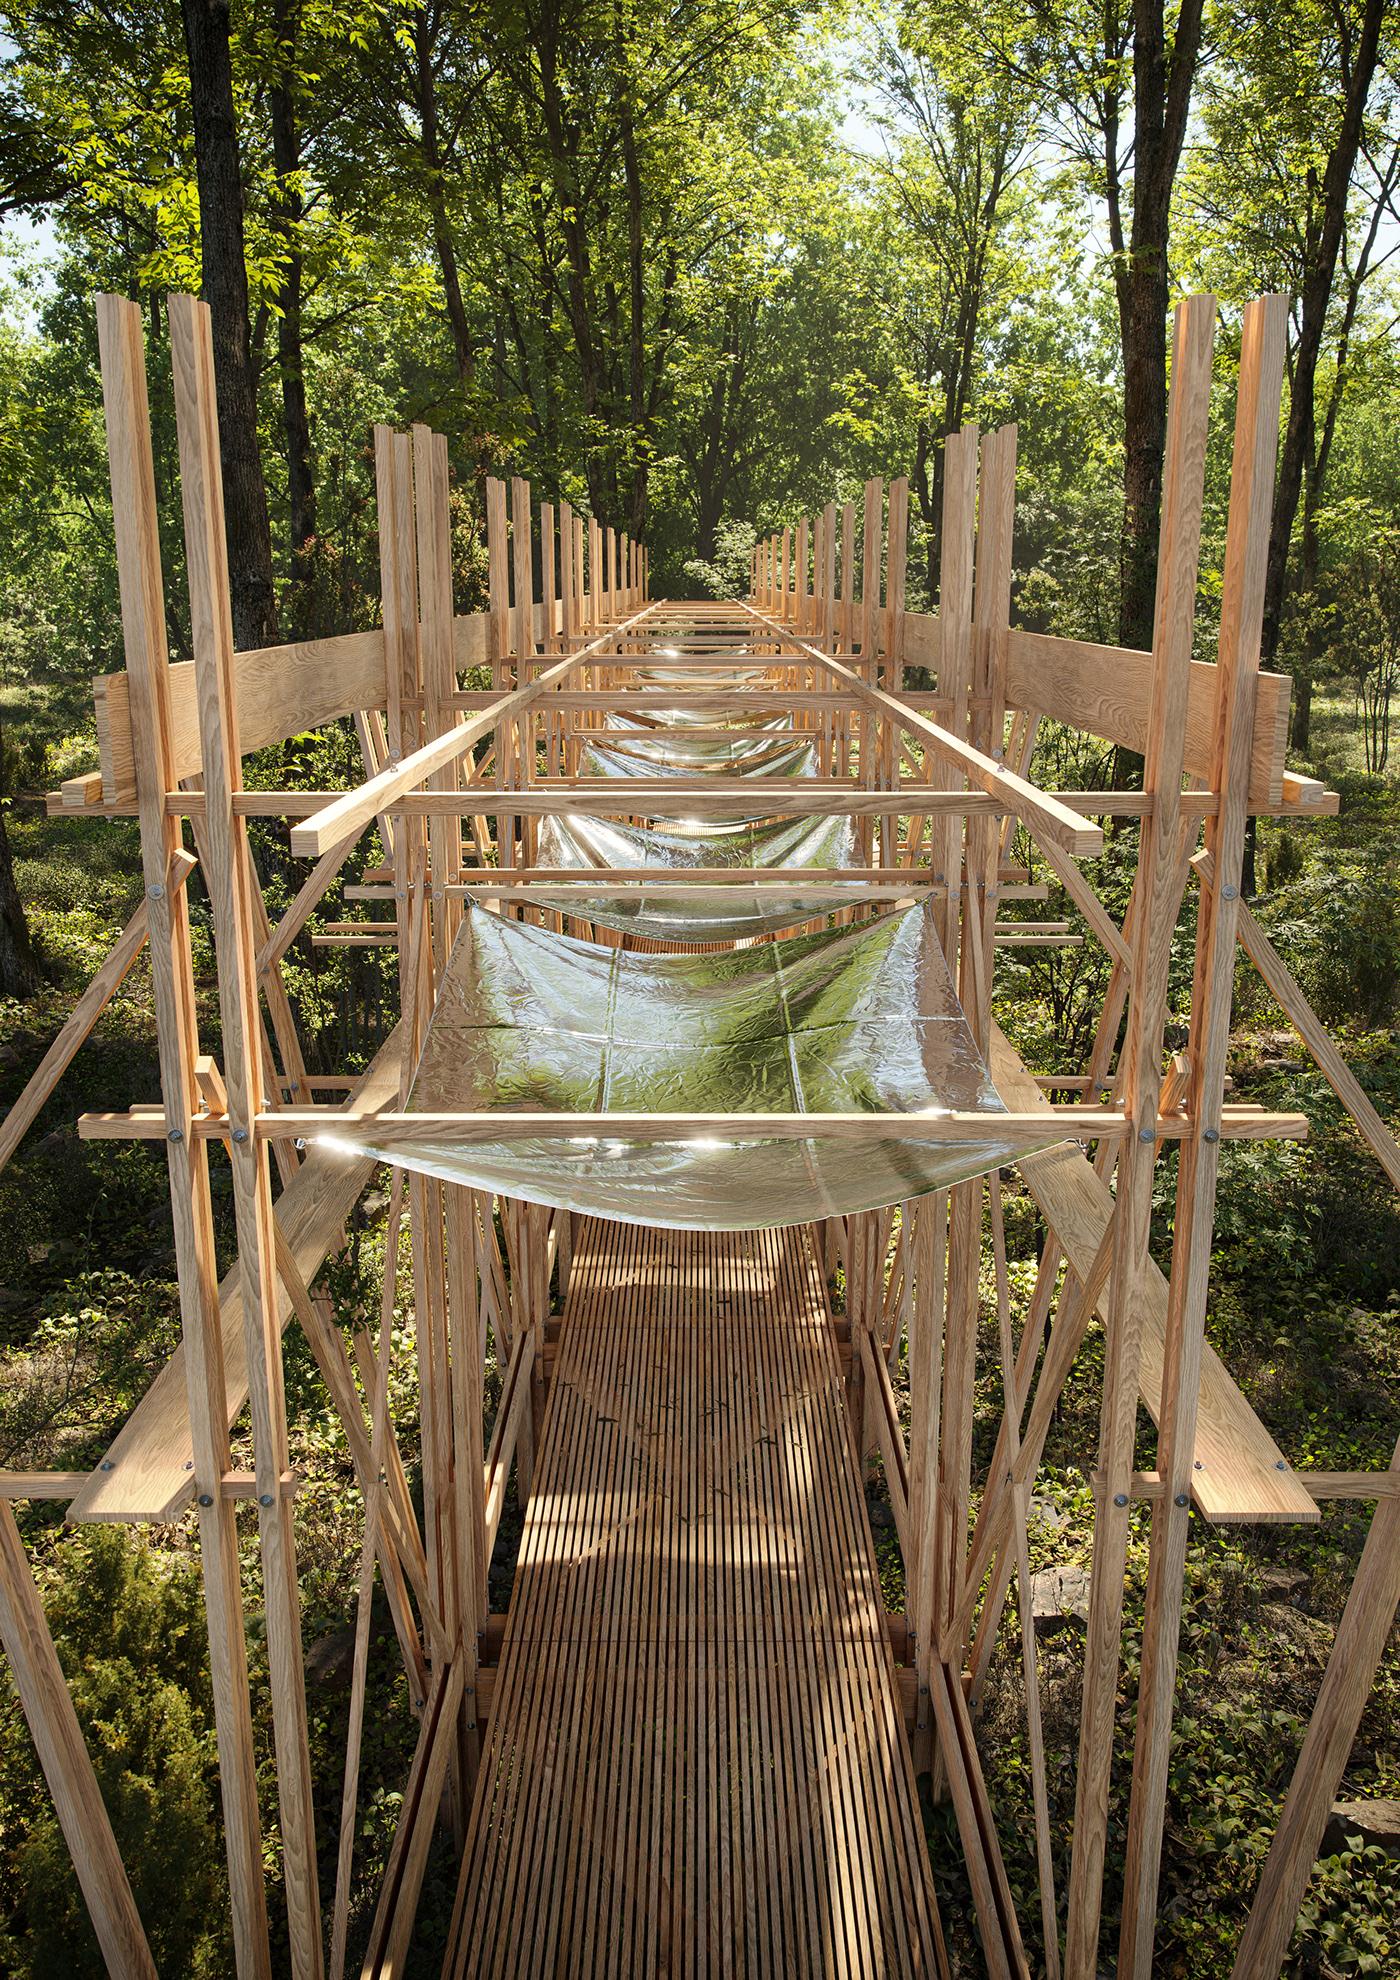 architecture archviz CGI concept construction forest Layout sculpture wood Layout Design